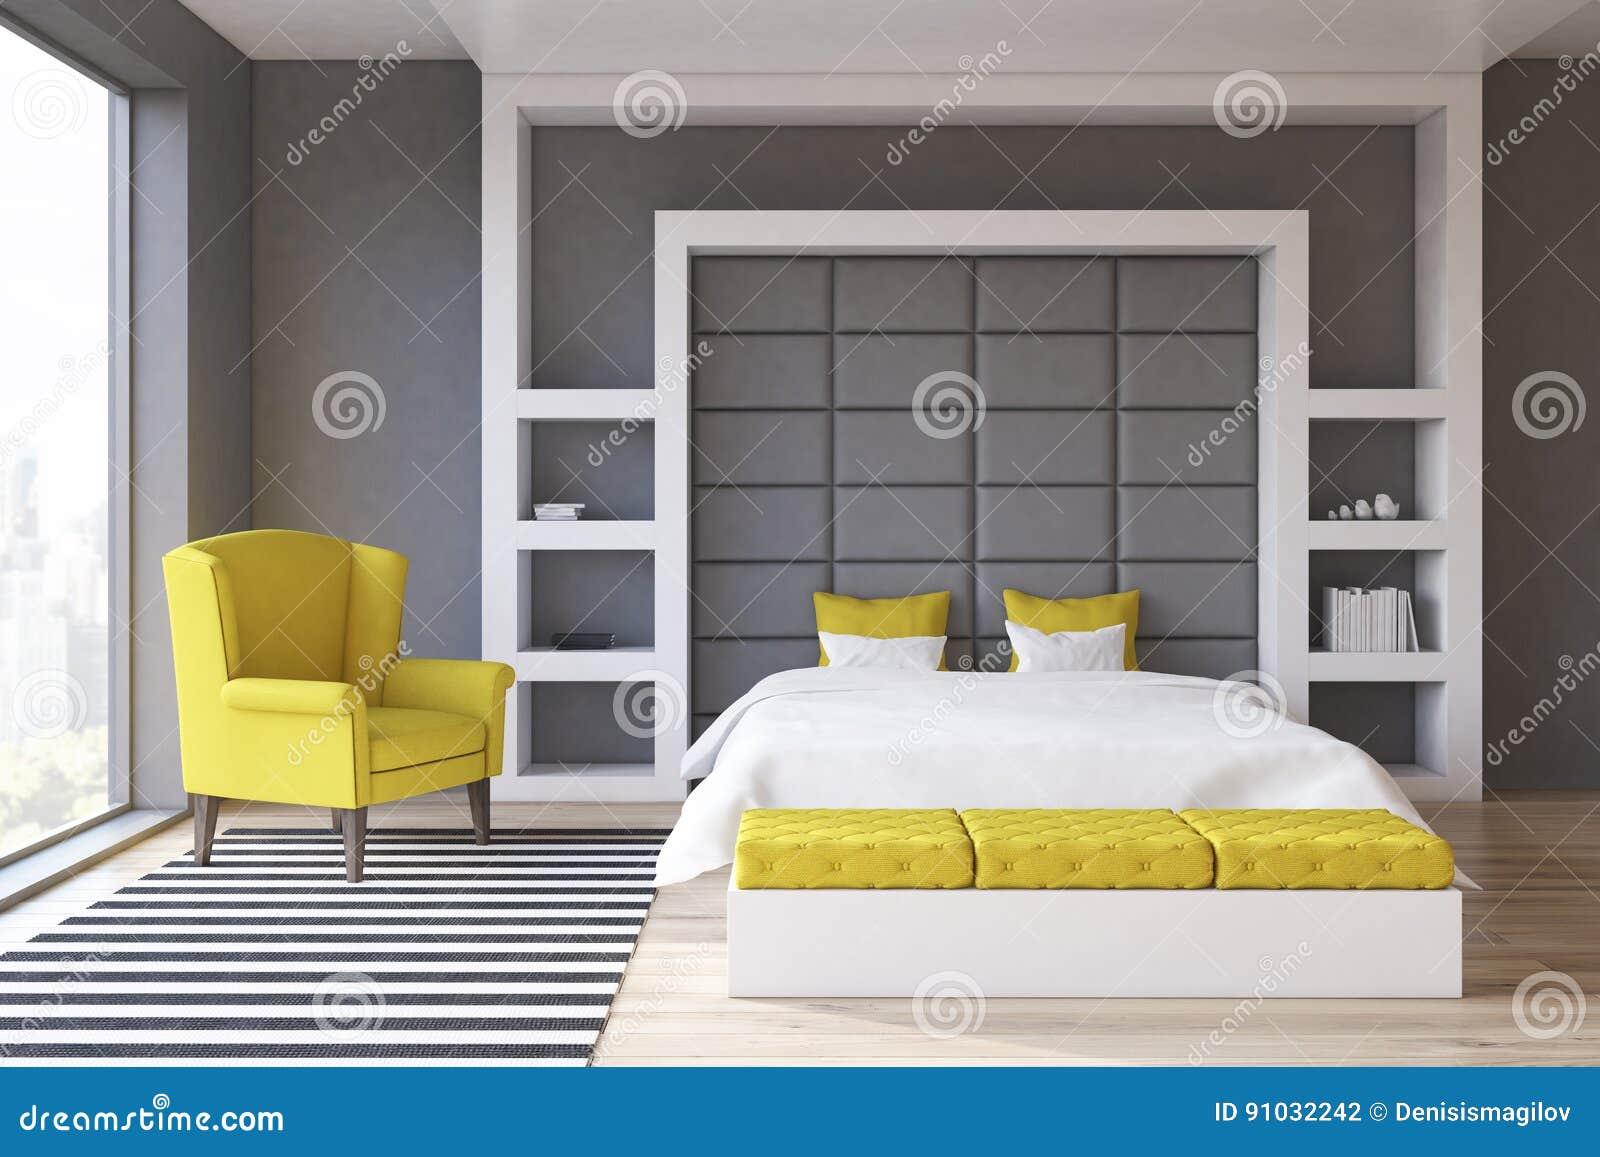 Parete Camera Da Letto Grigia : Camera da letto grigia della parete anteriore